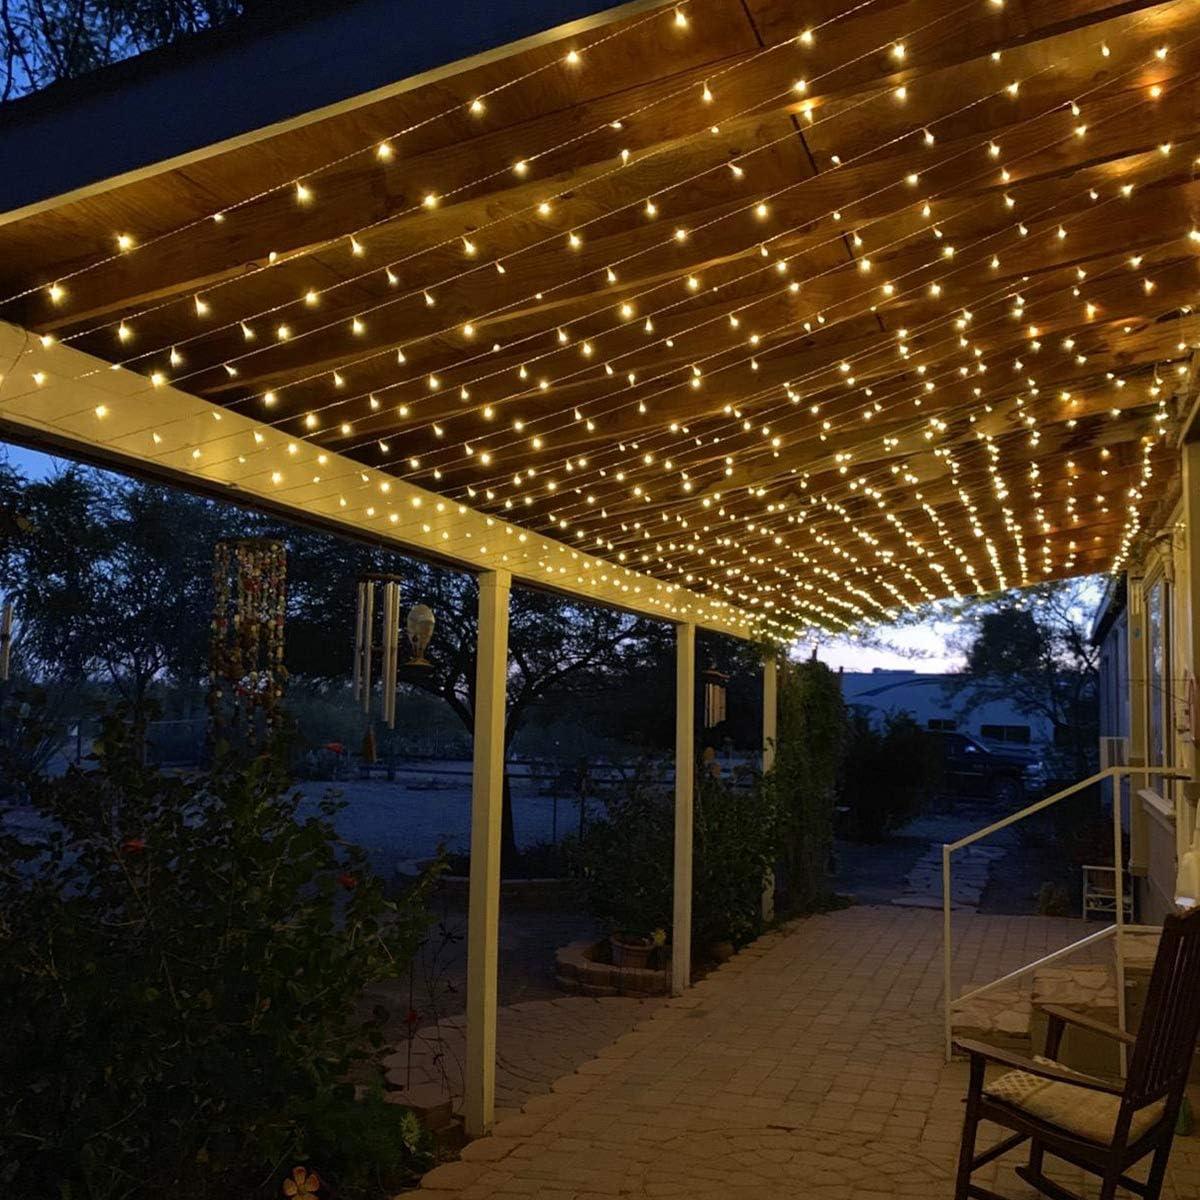 Luces de cortina de Navidad interior Cortina de ventana con luz de hadas Cortina de ventana de luz de hadas Luces de carámbano para dormitorio Decoración de acción de gracias al aire